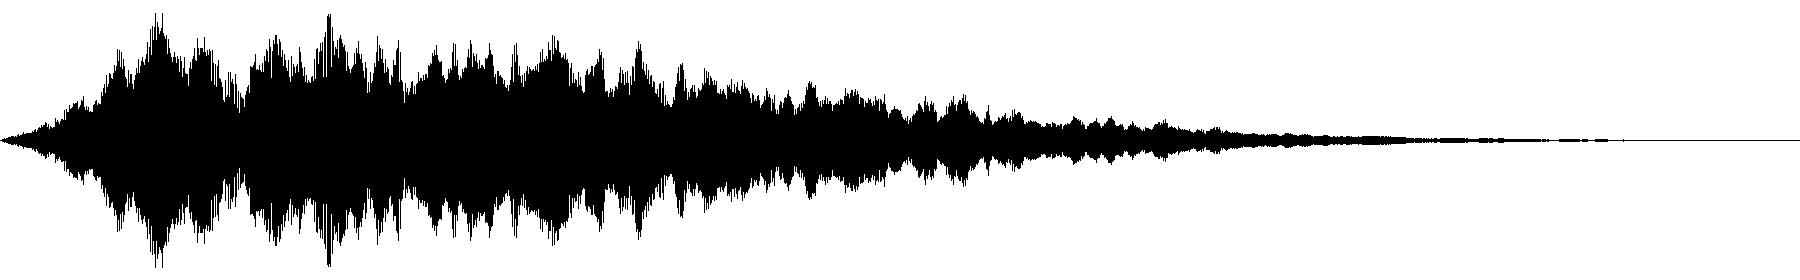 vfx1 atmos 42